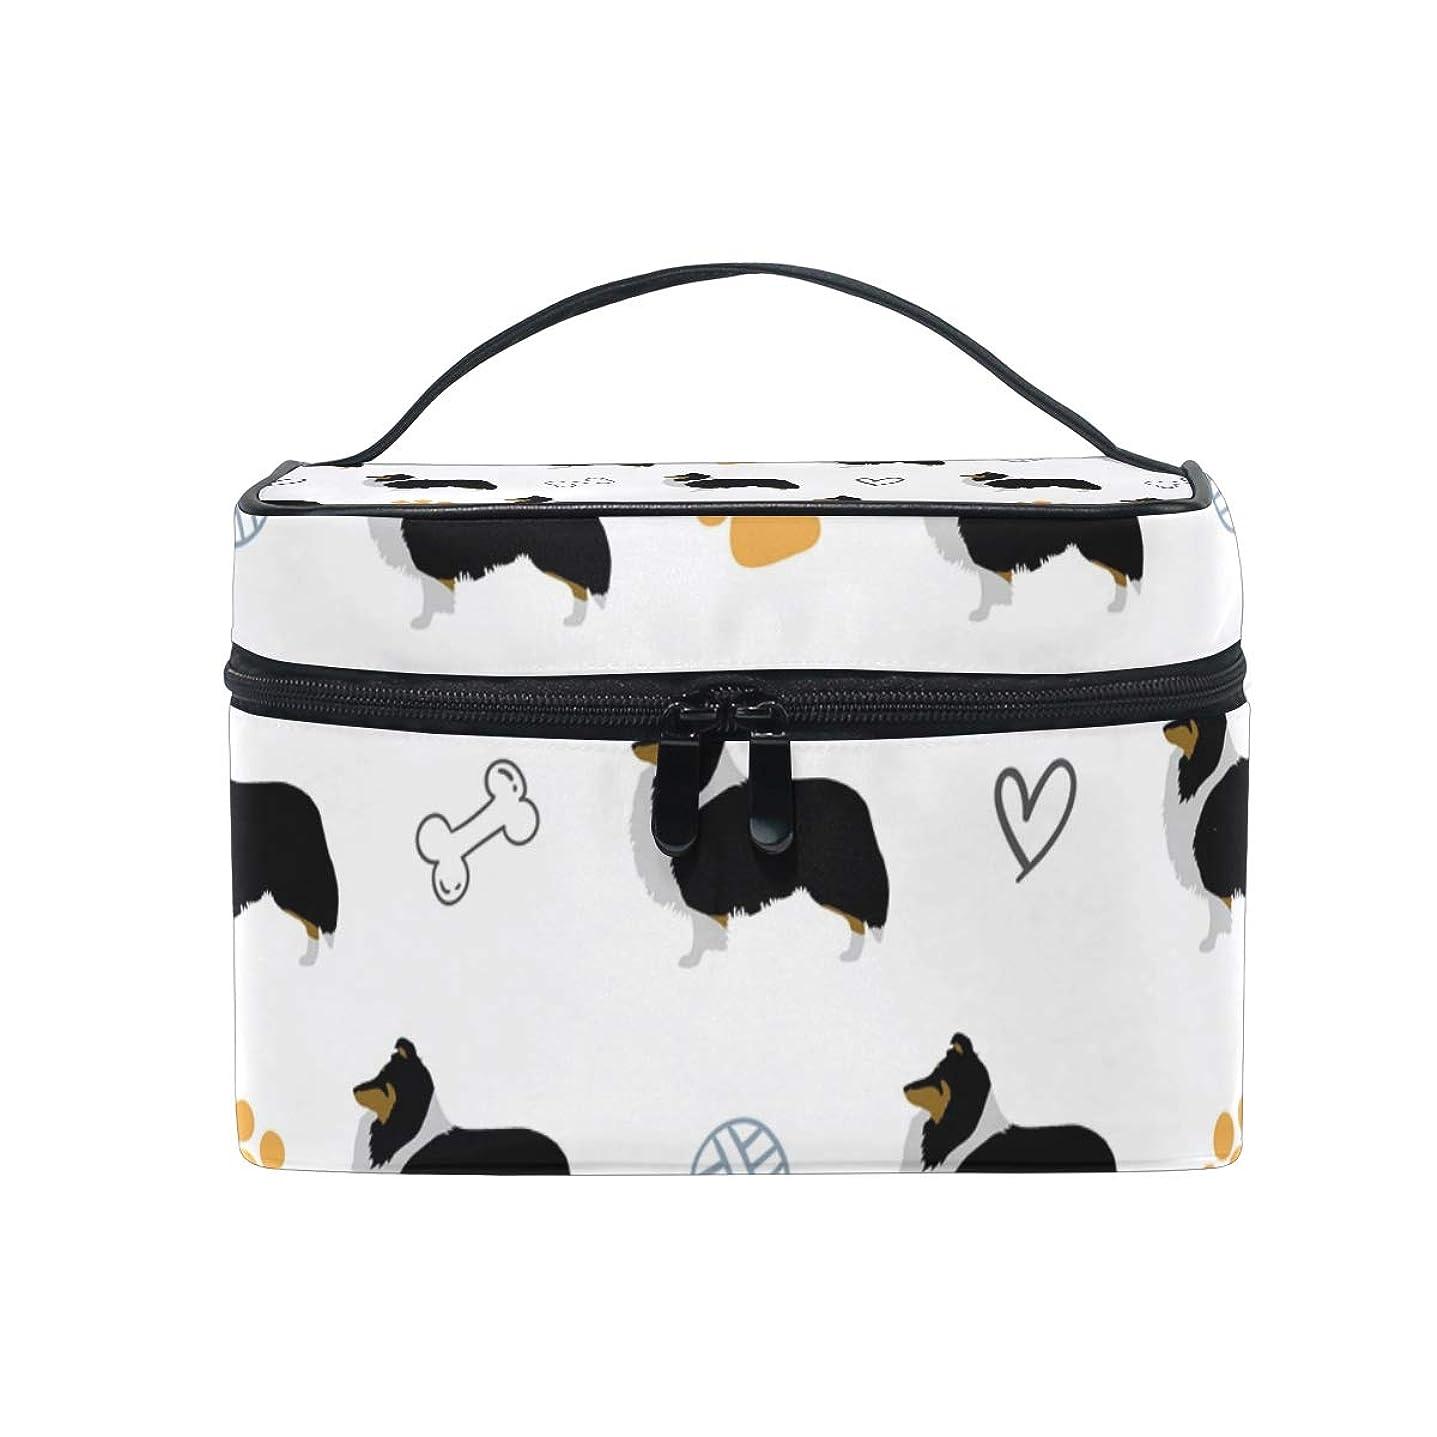 値同様の飢えメイクボックス 面白い シェットランドシープドッグ柄 化粧ポーチ 化粧品 化粧道具 小物入れ メイクブラシバッグ 大容量 旅行用 収納ケース